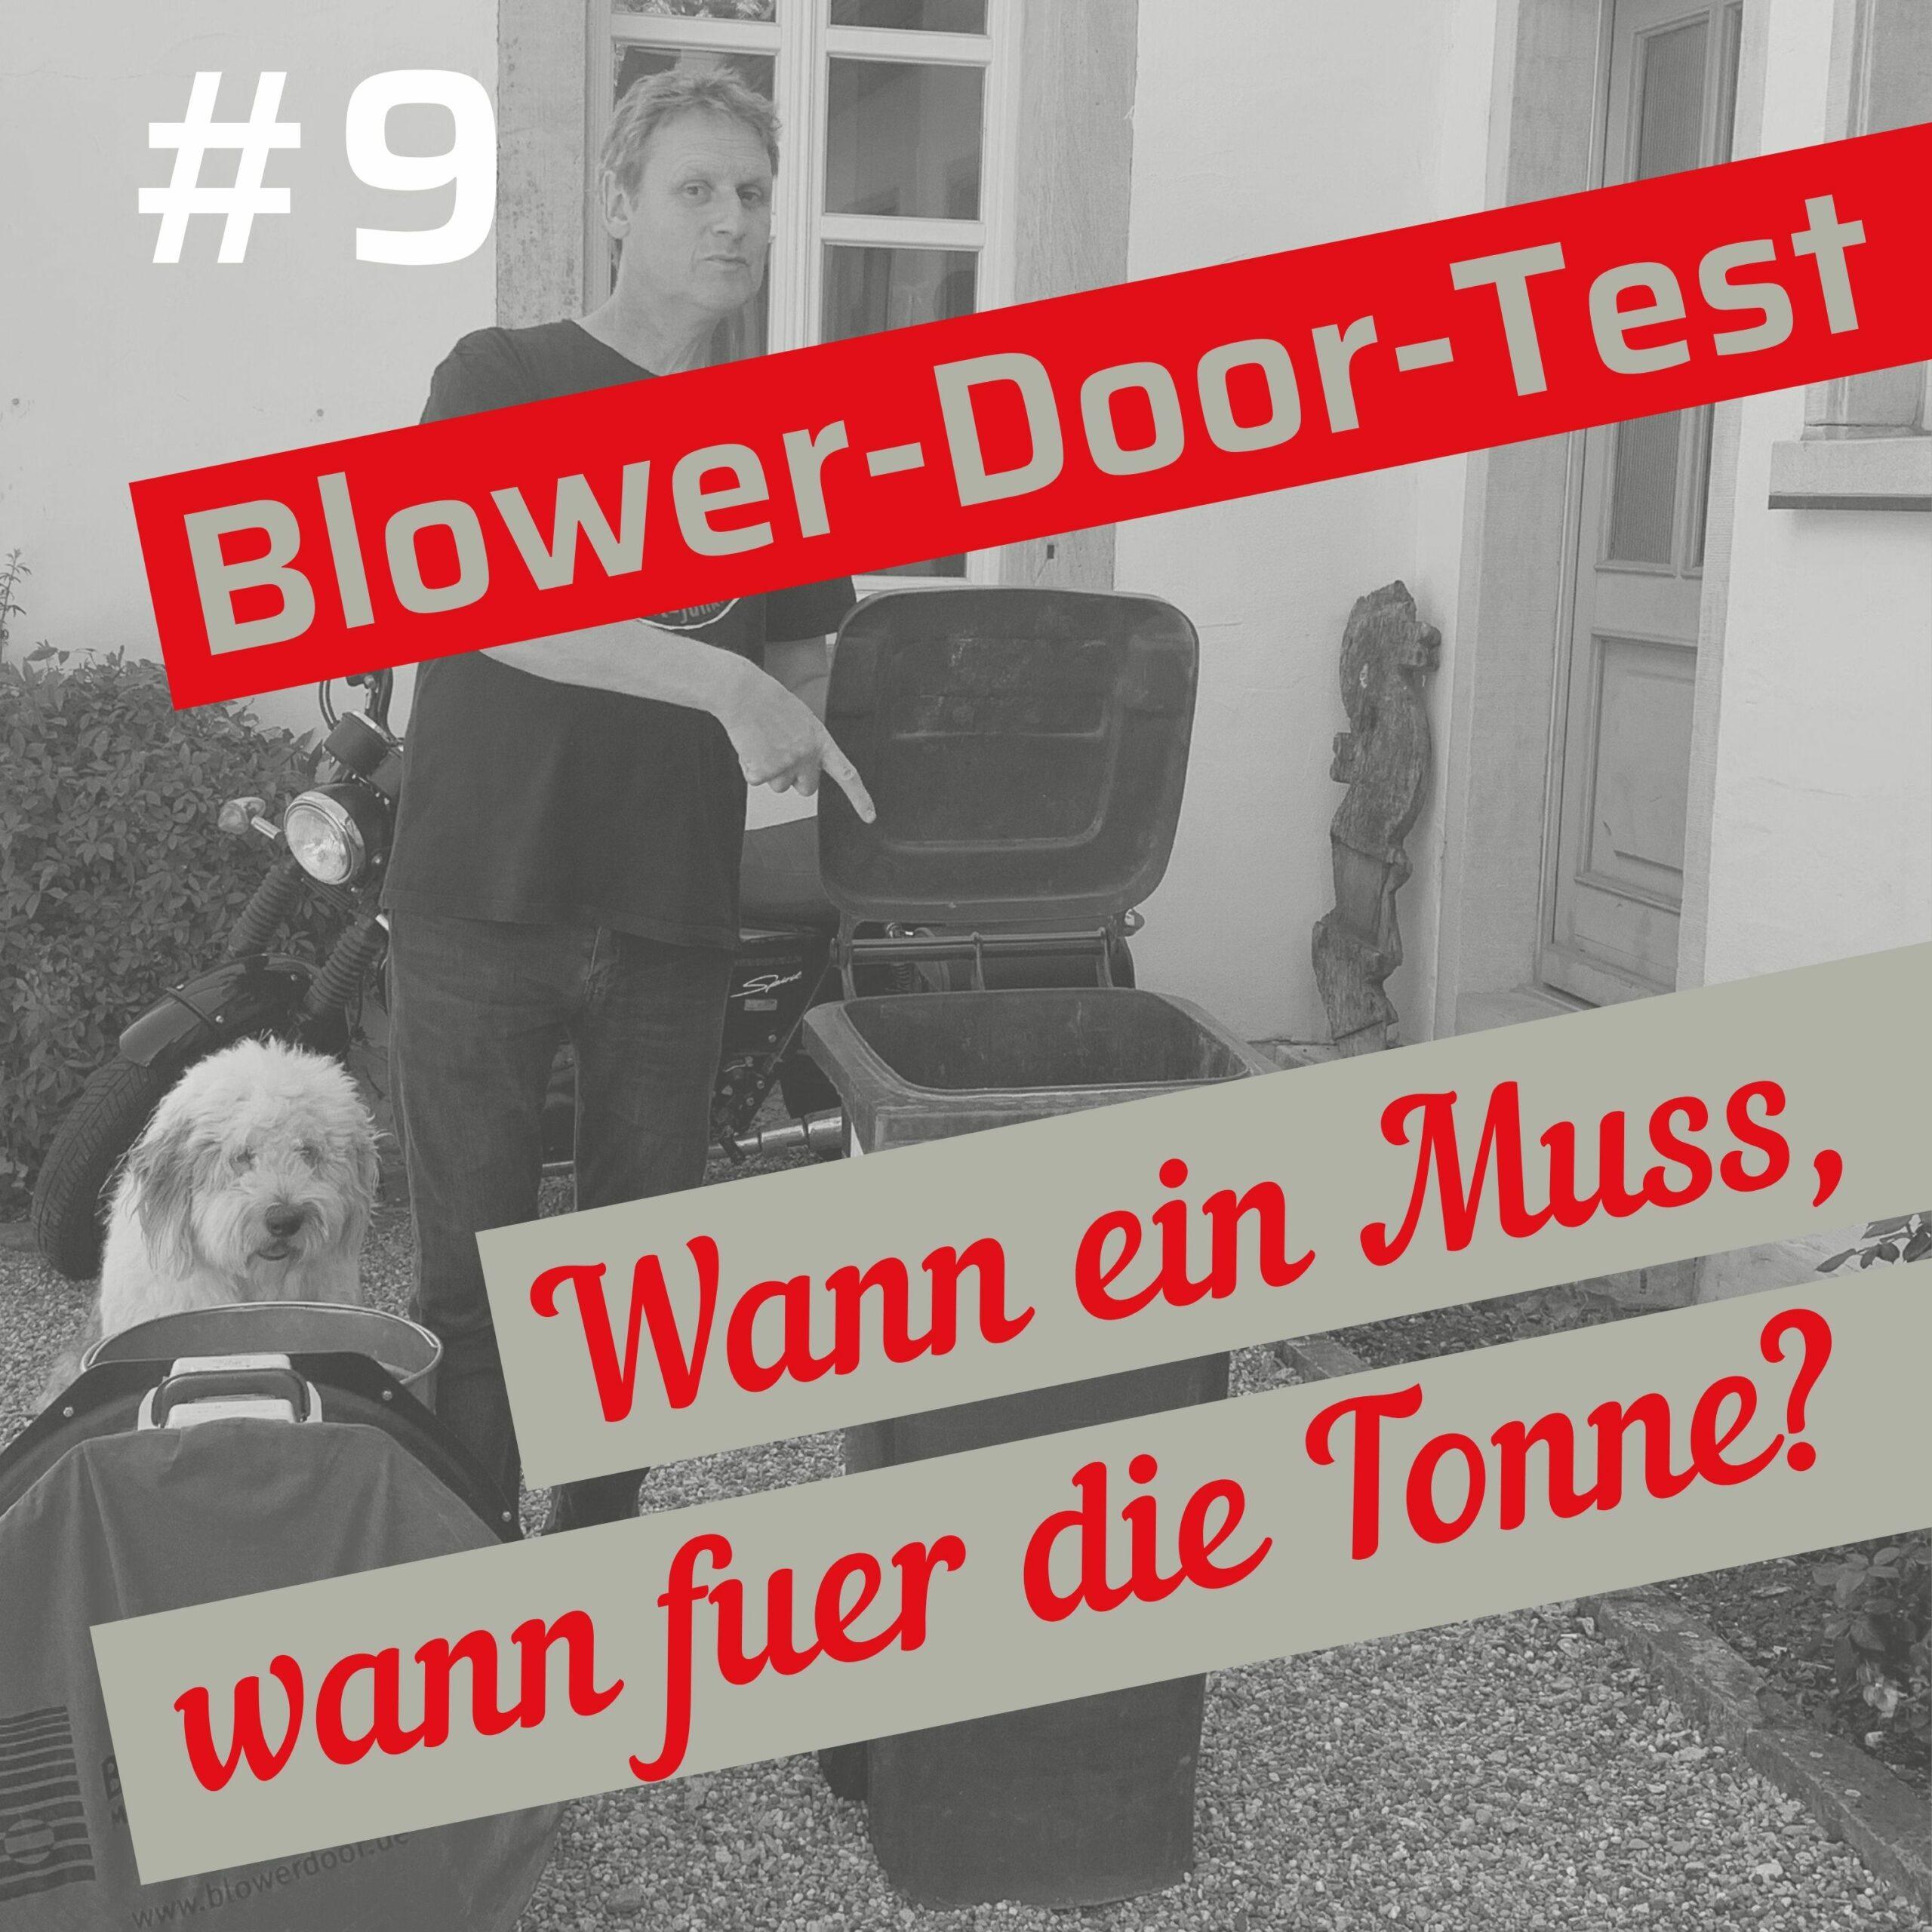 #009 Blower-Door-Test: wann ein Muss, wann für die Tonne?